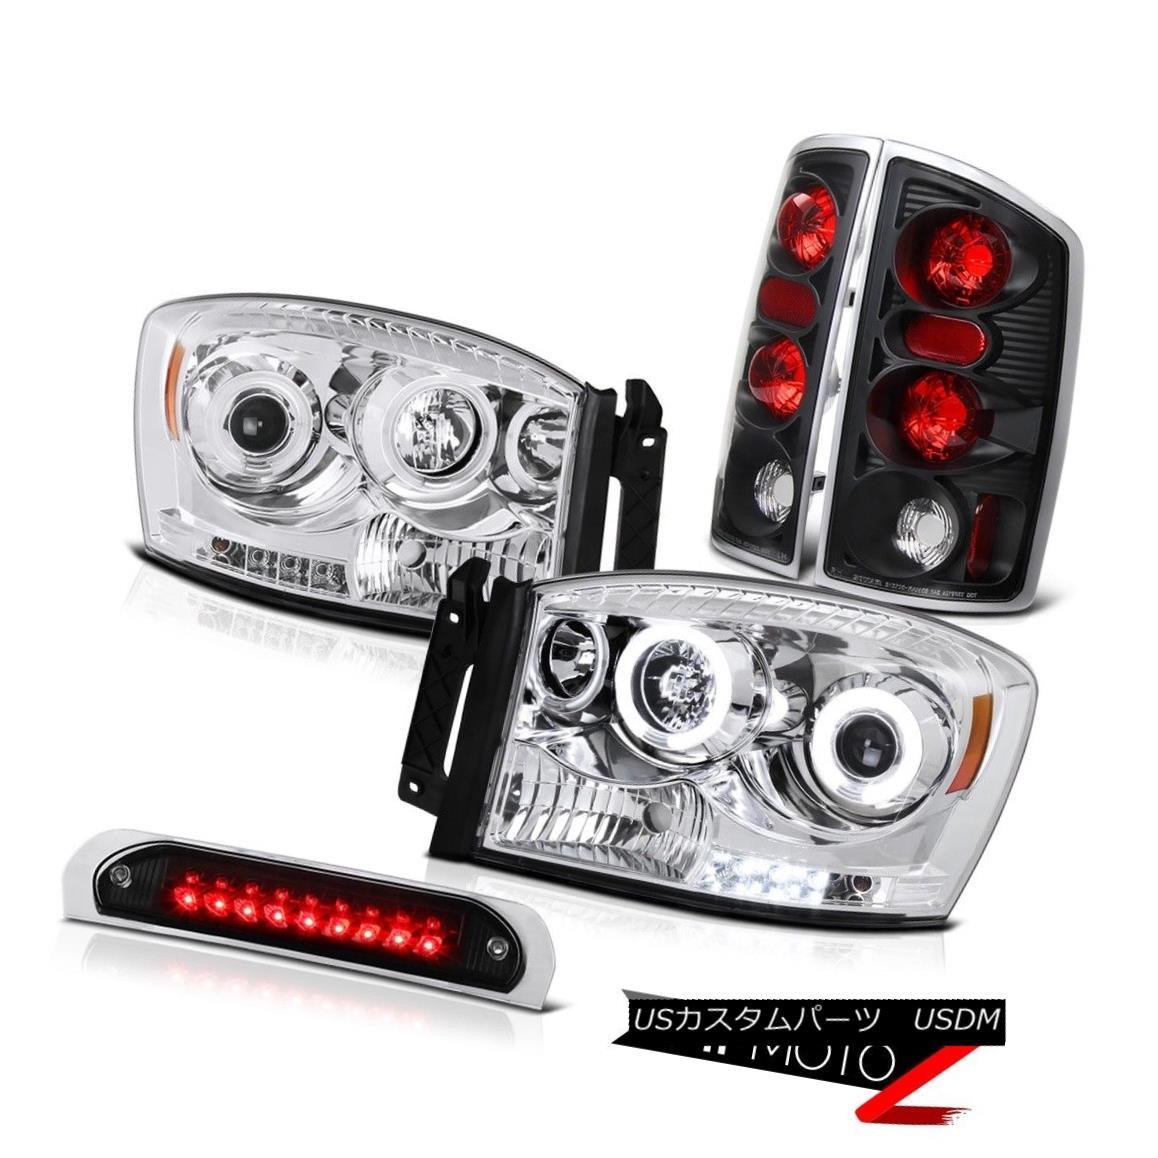 ヘッドライト DRL Halo CCFL Projector Headlights Rear Brake Lights Black 3rd LED 2006 Ram V8 DRL Halo CCFLプロジェクターヘッドライトリアブレーキライトブラック第3 LED 2006 Ram V8